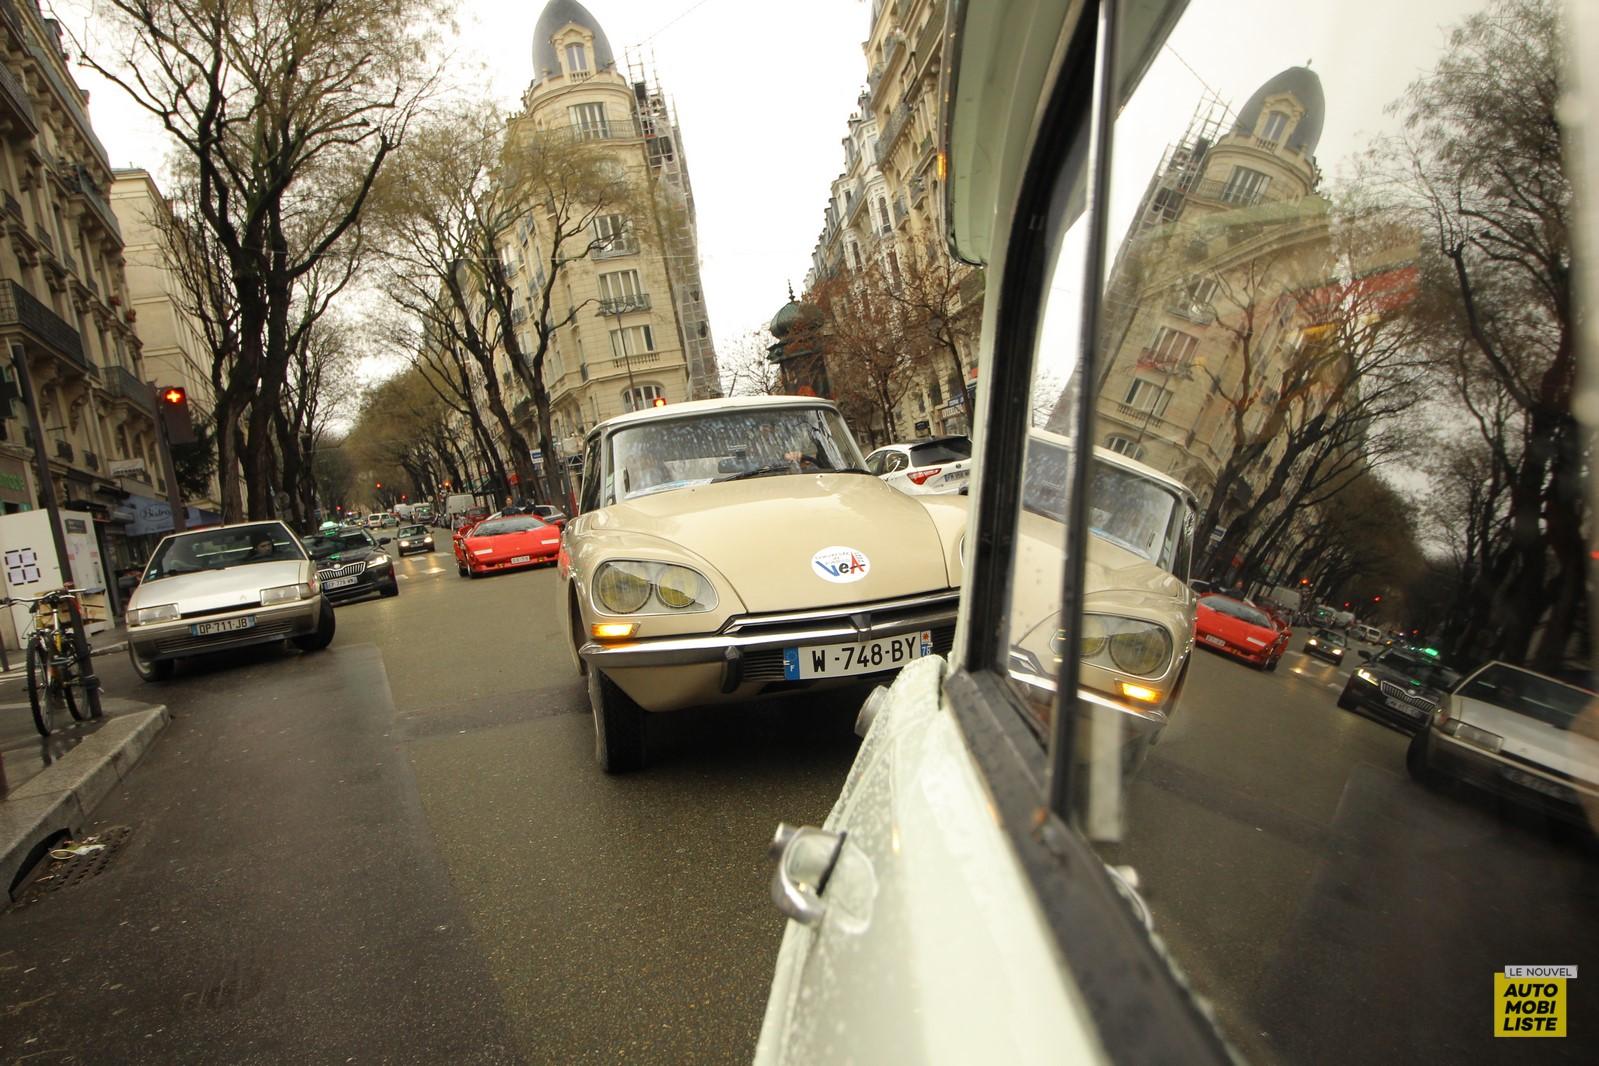 Traversee de Paris LNA Thibaut Dumoulin 10